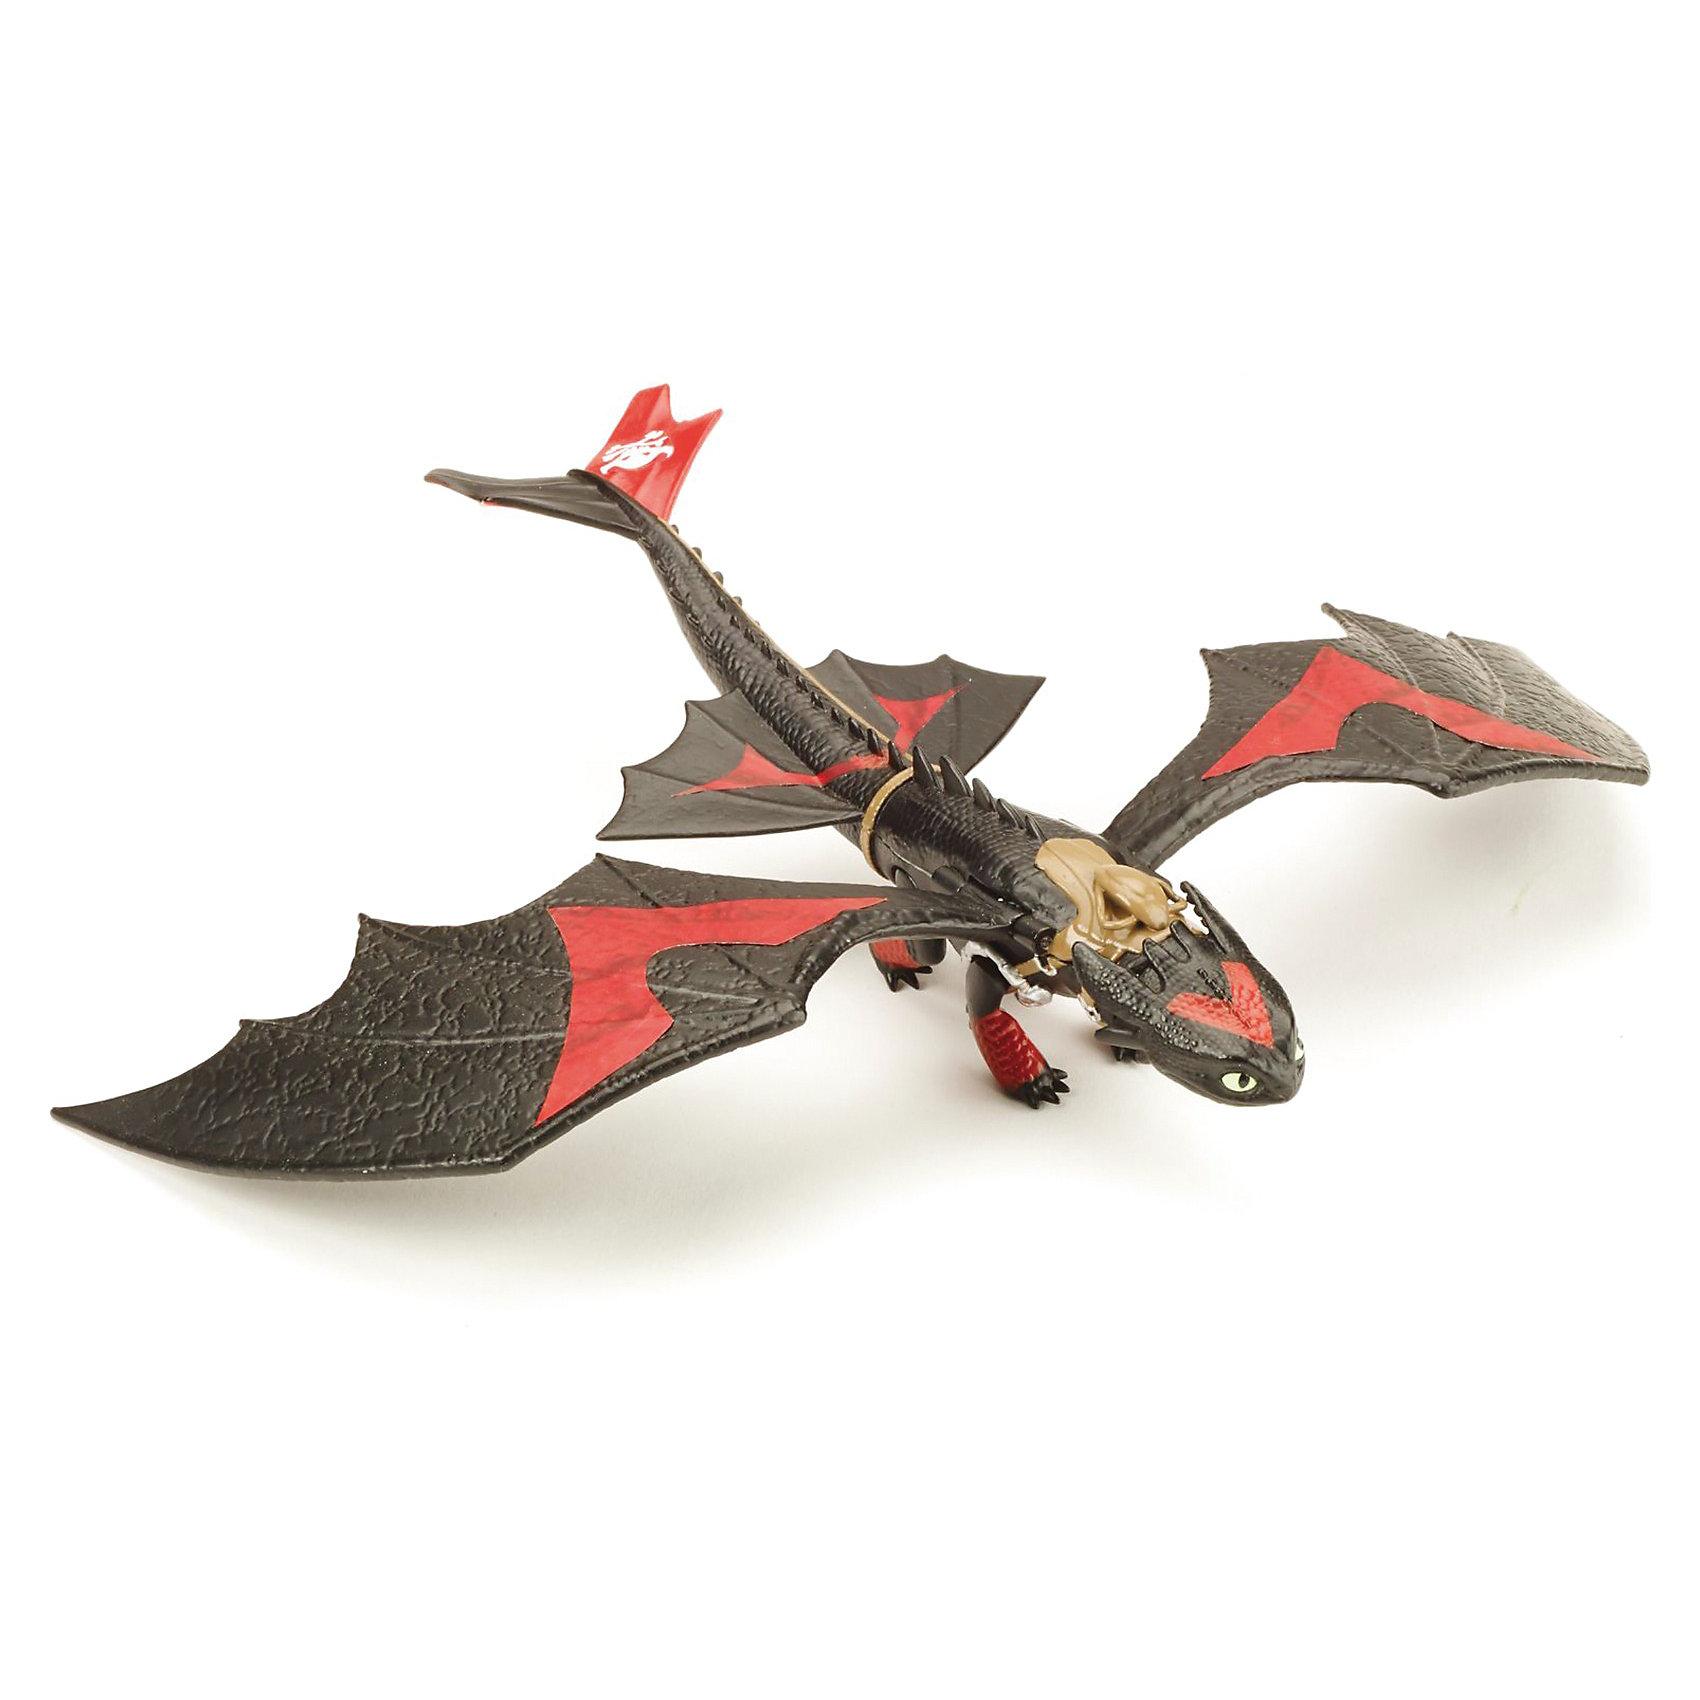 он, картинки игрушки драконы гонки по краю подробно